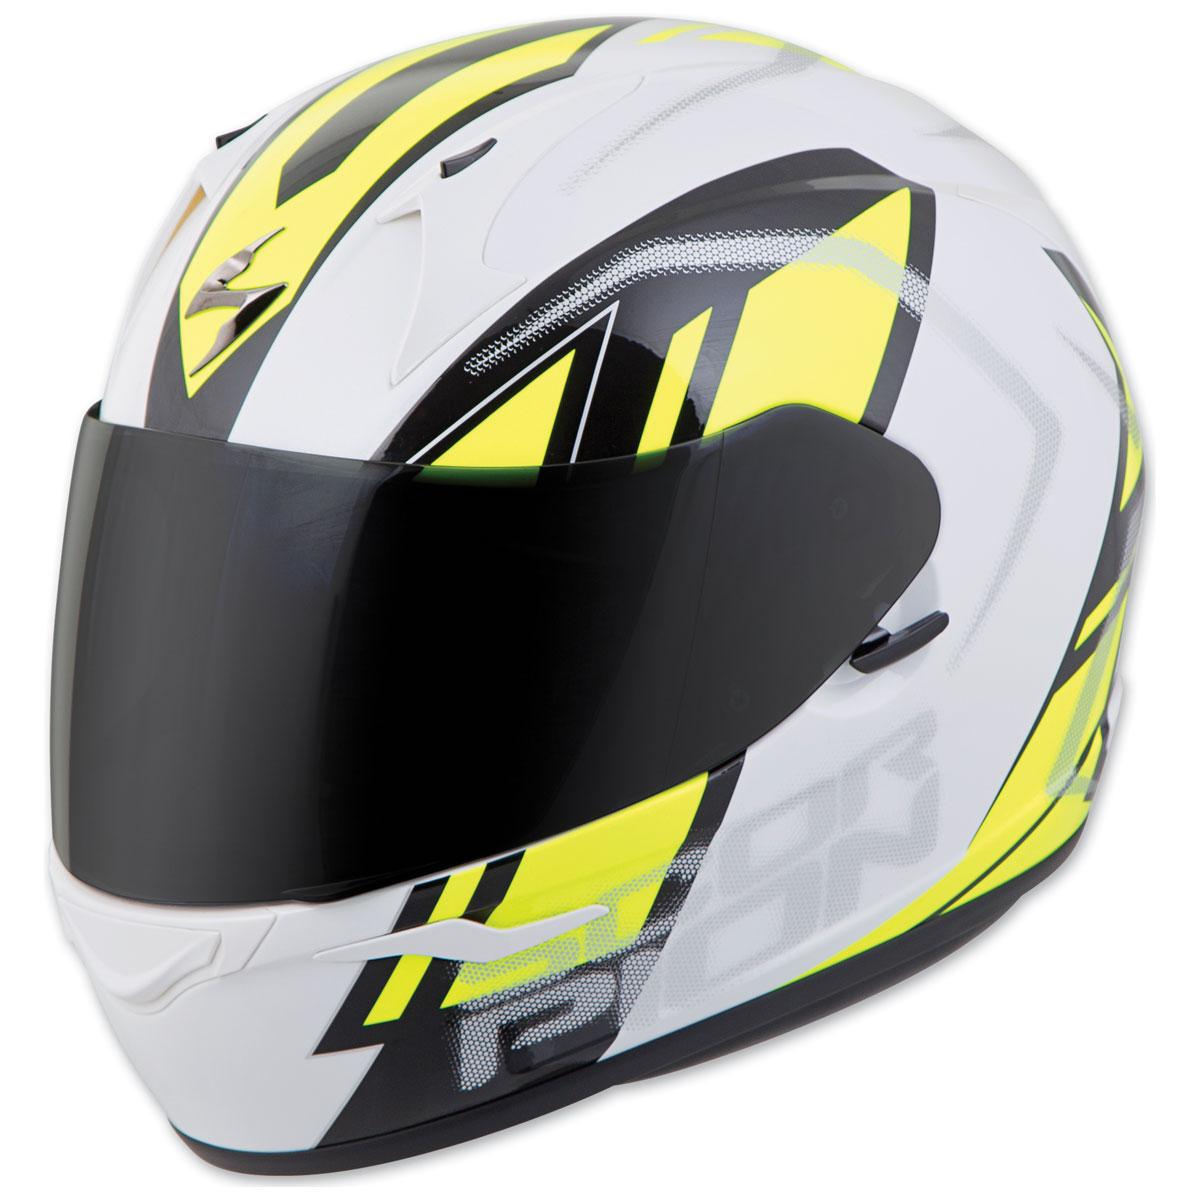 Scorpion EXO EXO-R320 Endeavor White/Neon Full Face Helmet